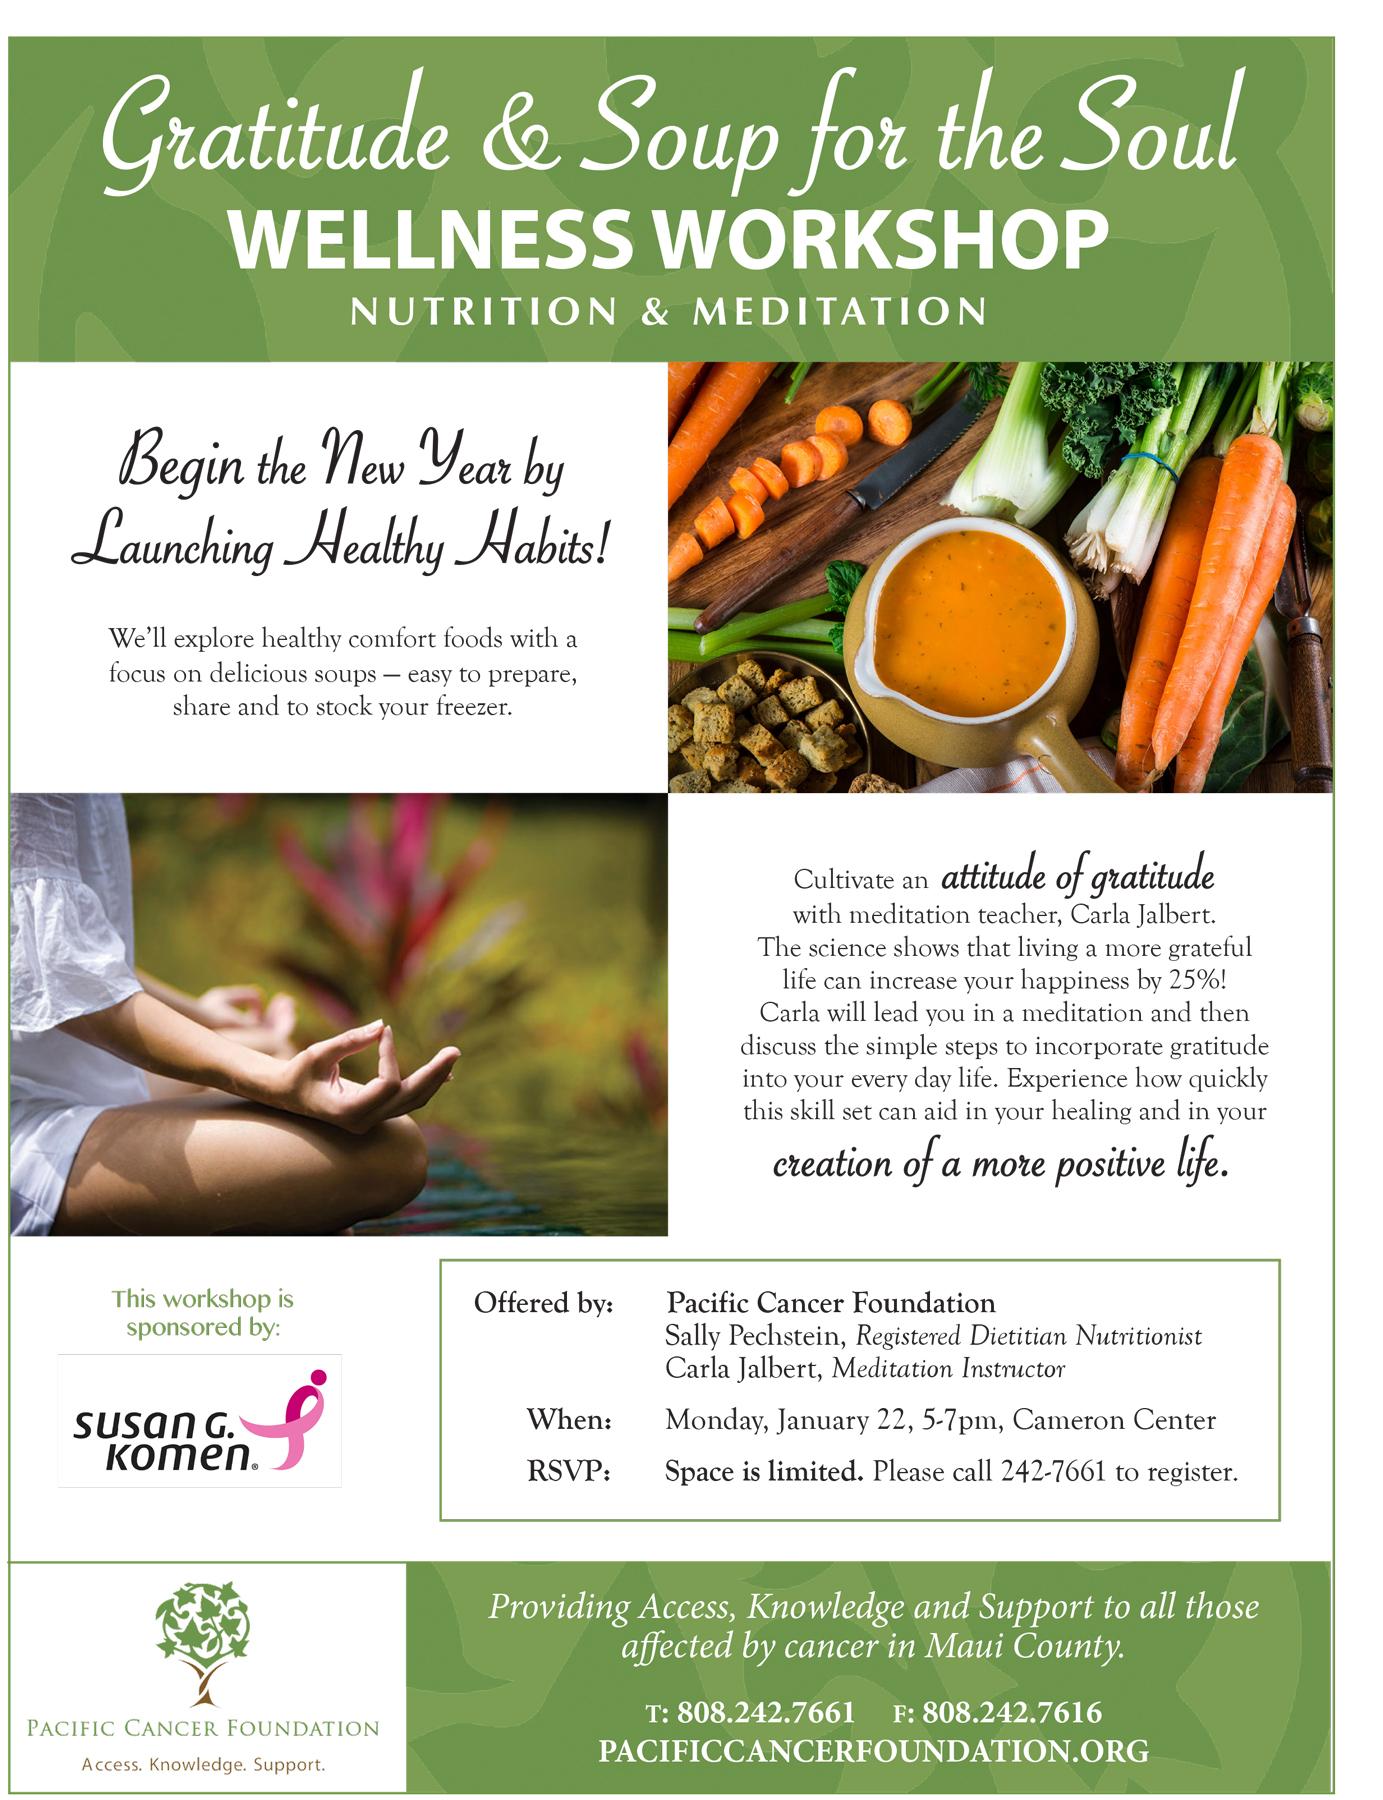 Gratitude-and-Soup-for-the-Soul-Workshop-Flyer.jpg